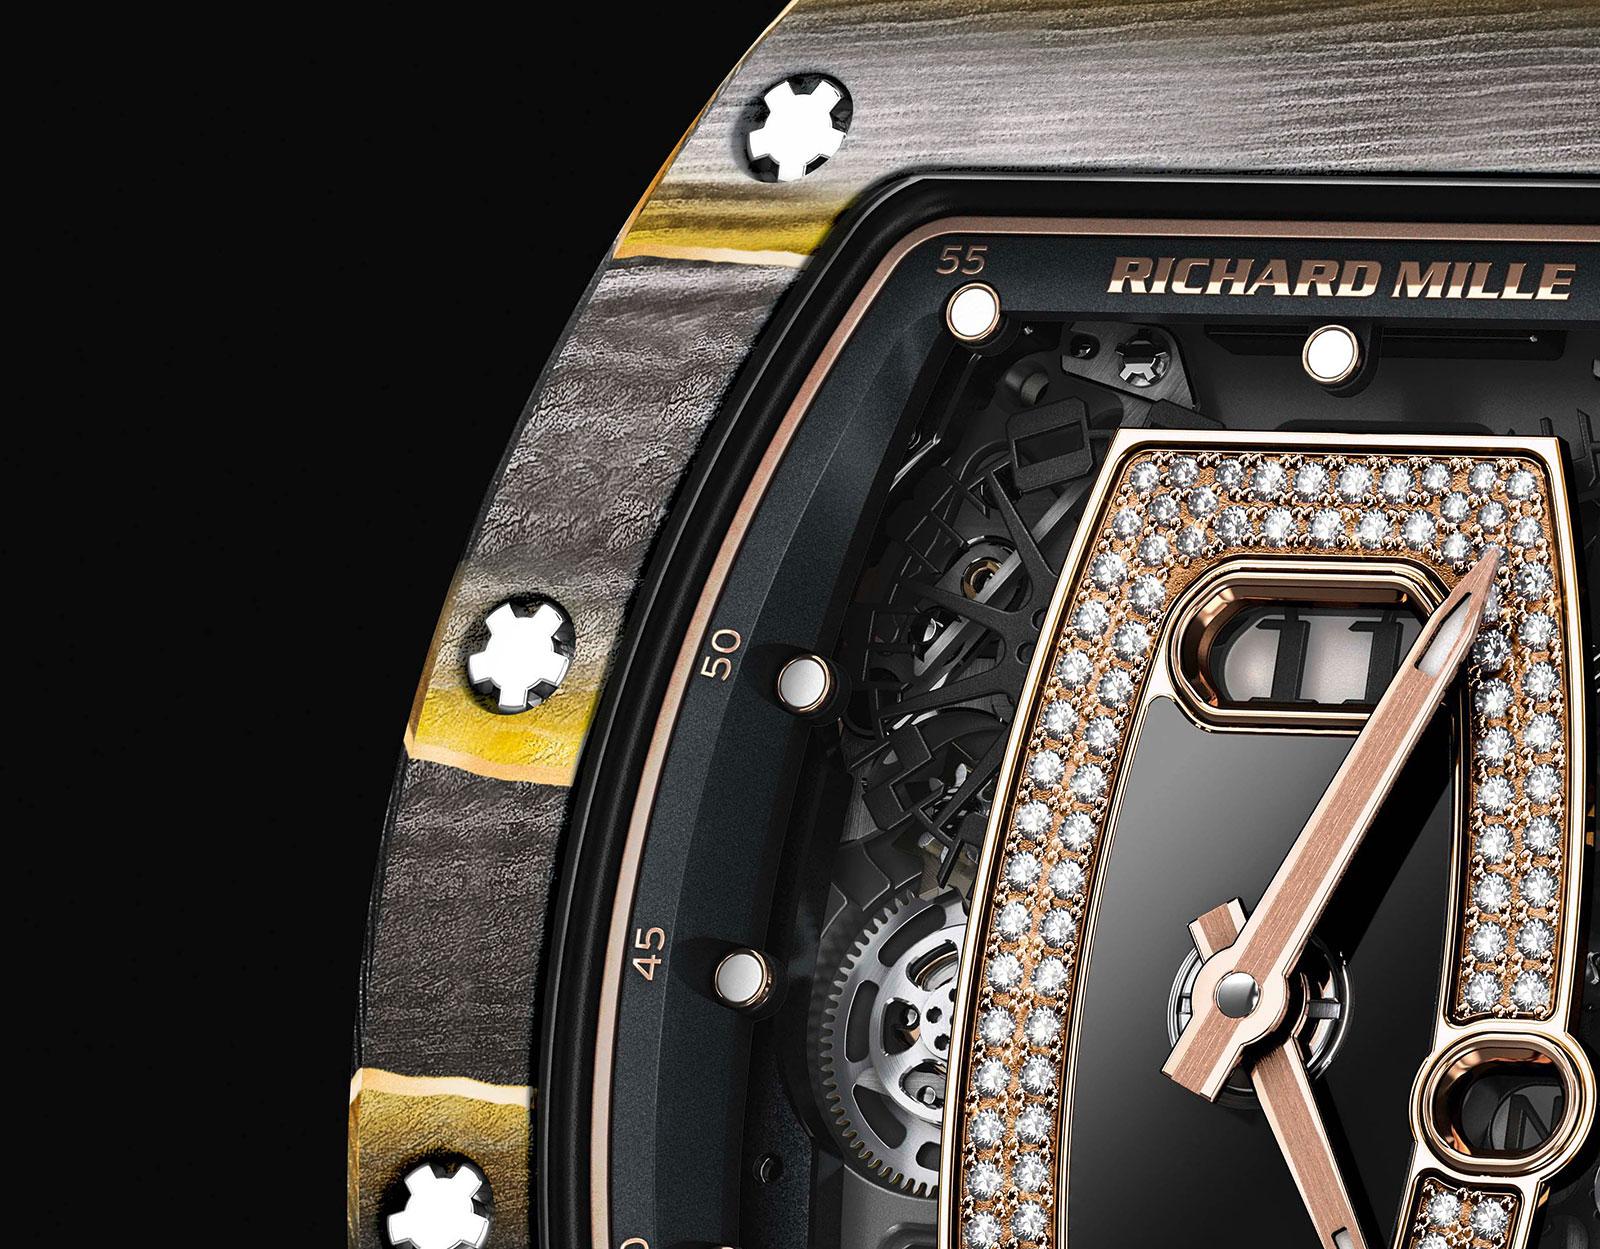 Richard-Mille-RM-037-Gold-NTPT-carbon-